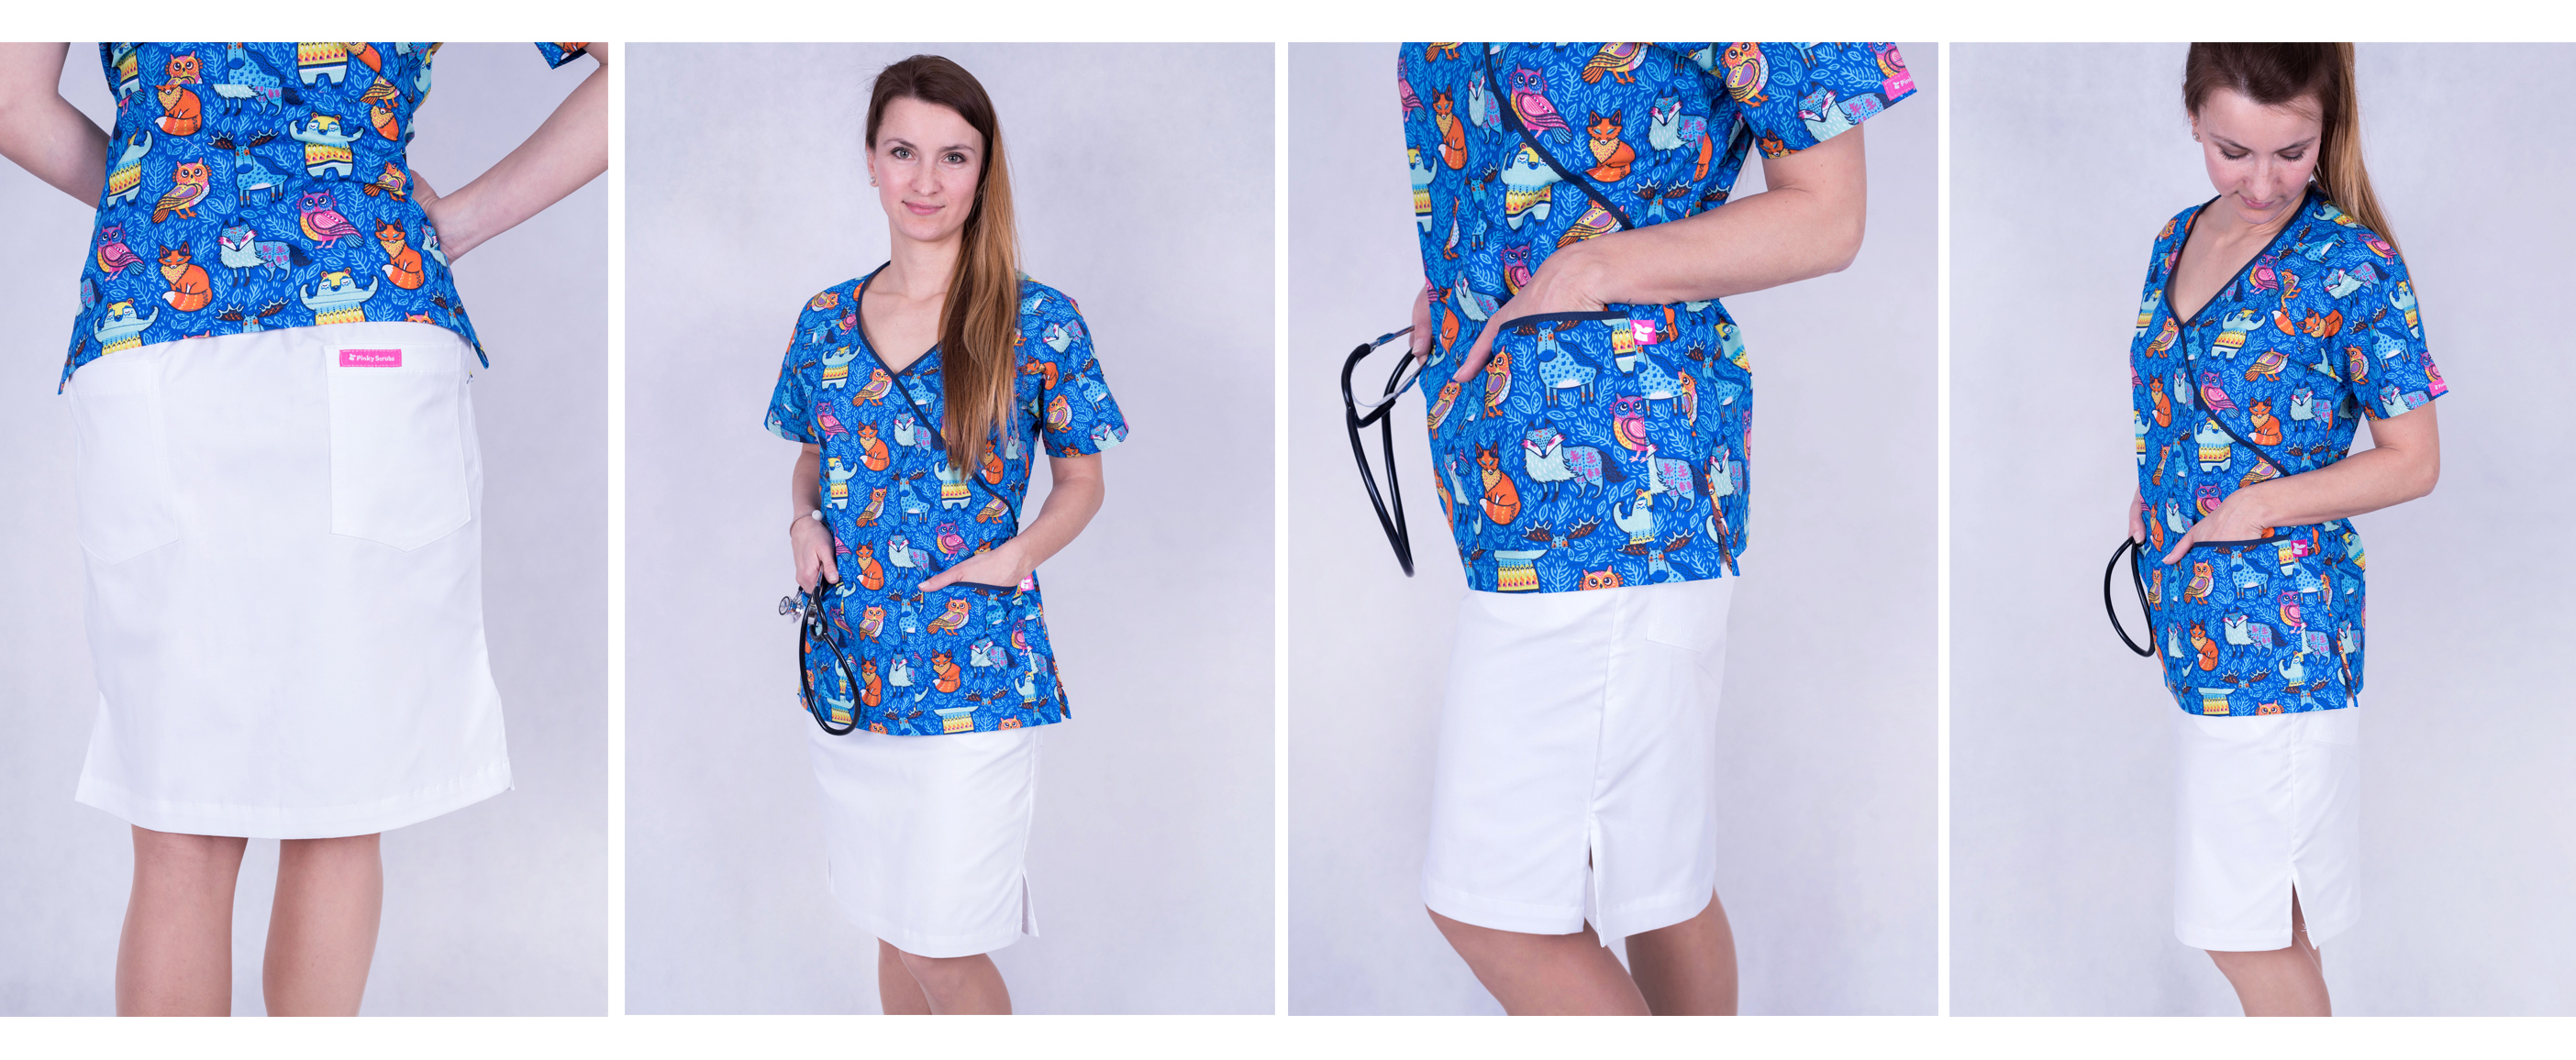 Bílá zdravotnická sukně a modrá zdravotnická halena s obrázky